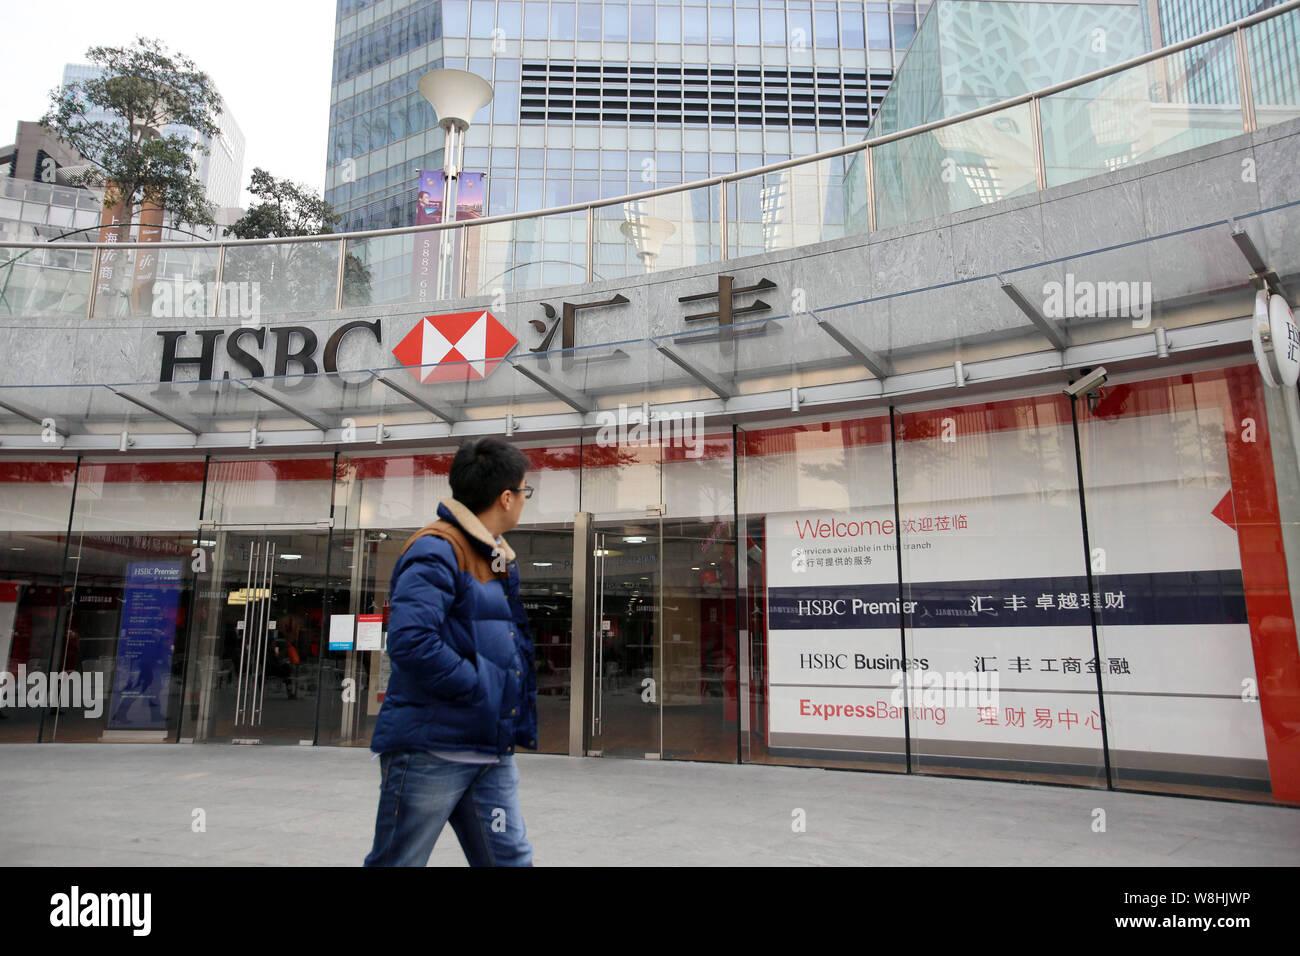 A pedestrian walks past a branch of HSBC (the Hongkong and